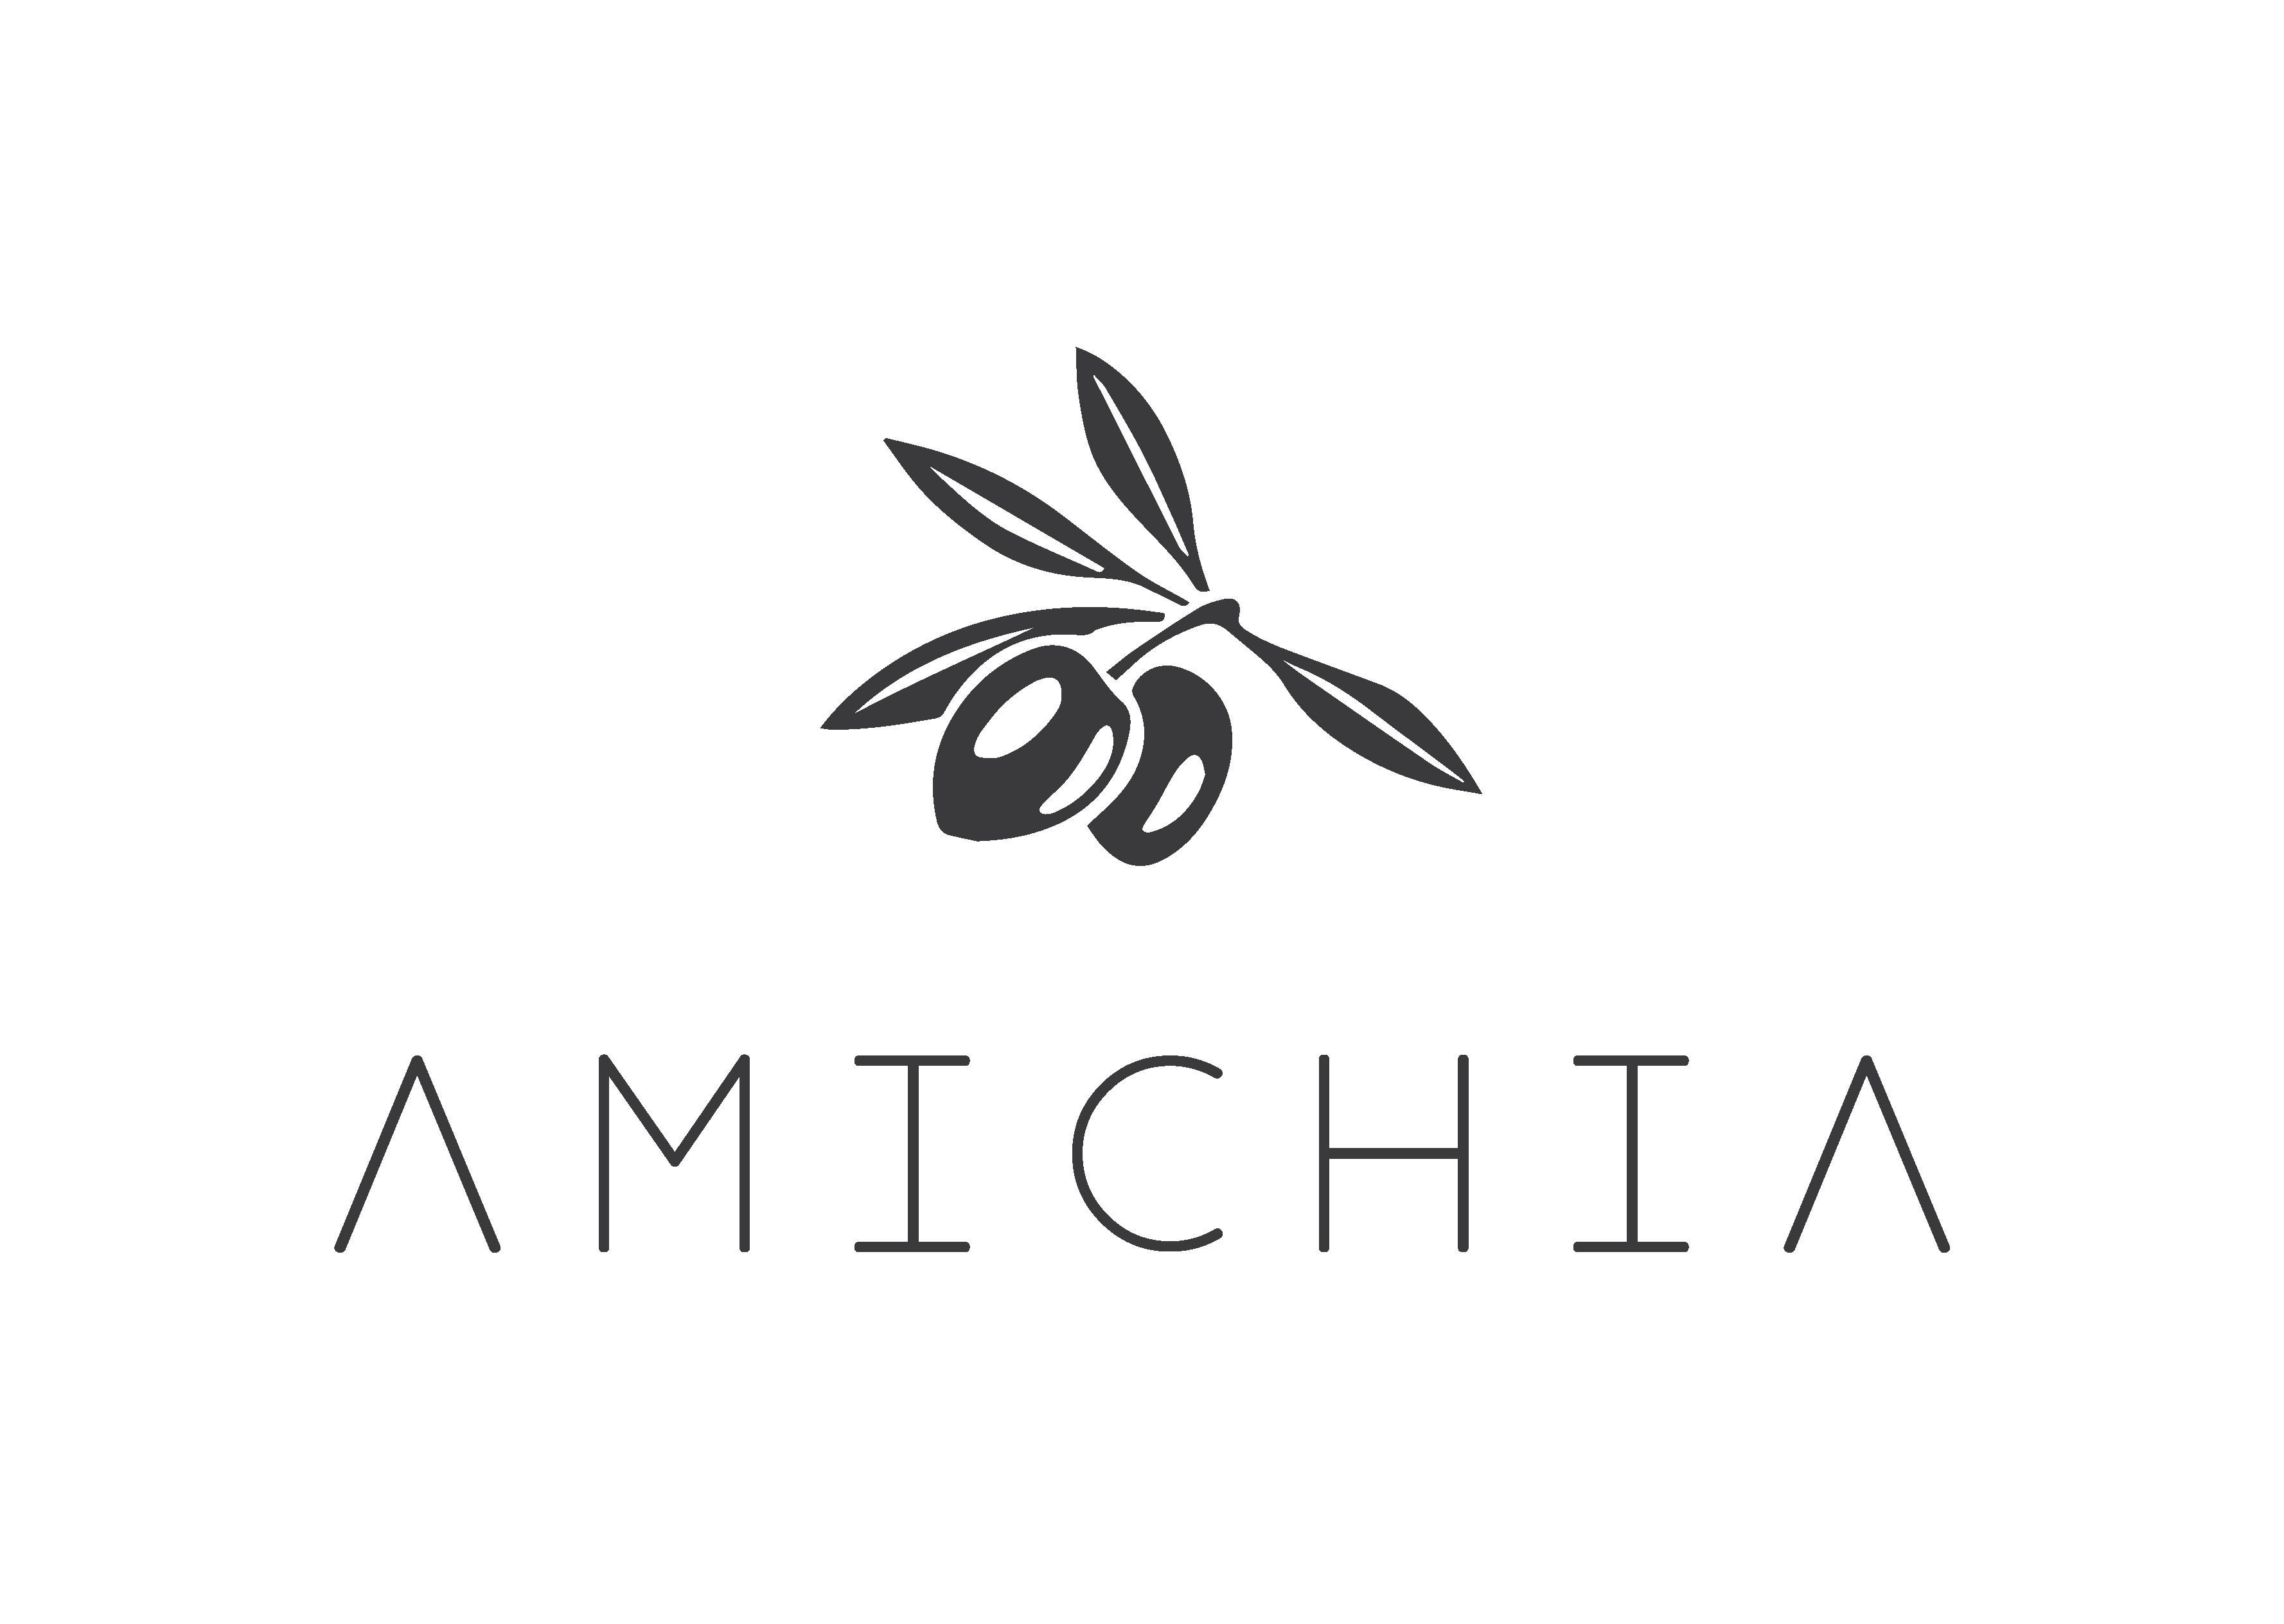 Amichia